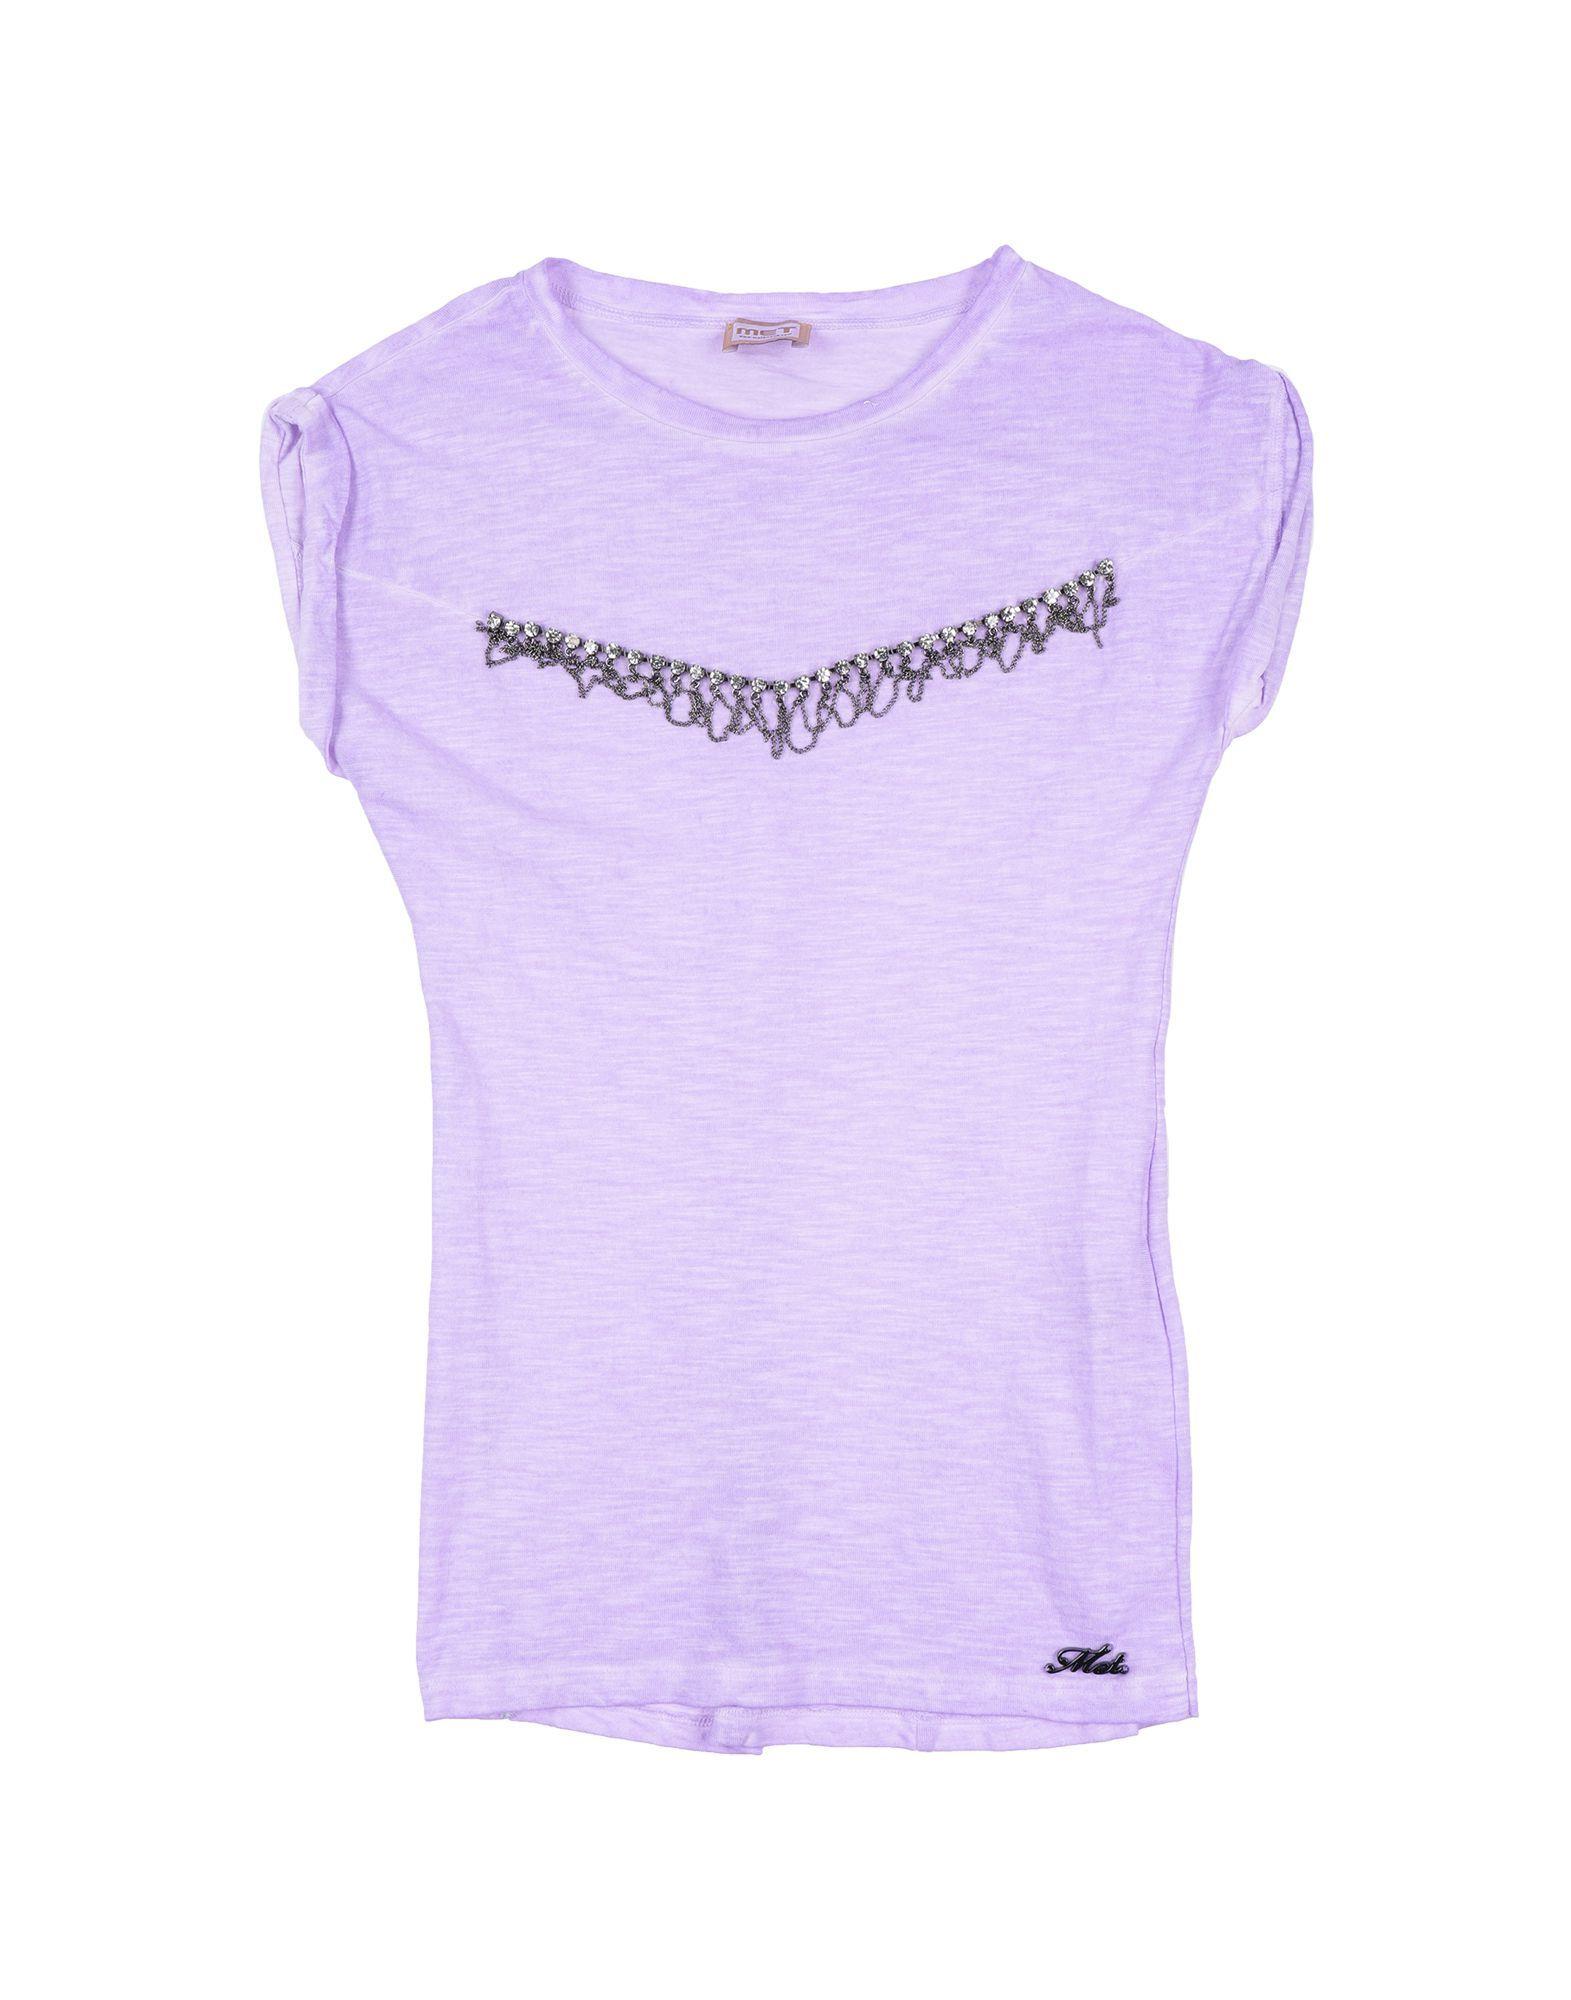 TOPWEAR Girl Met Jeans Purple Cotton